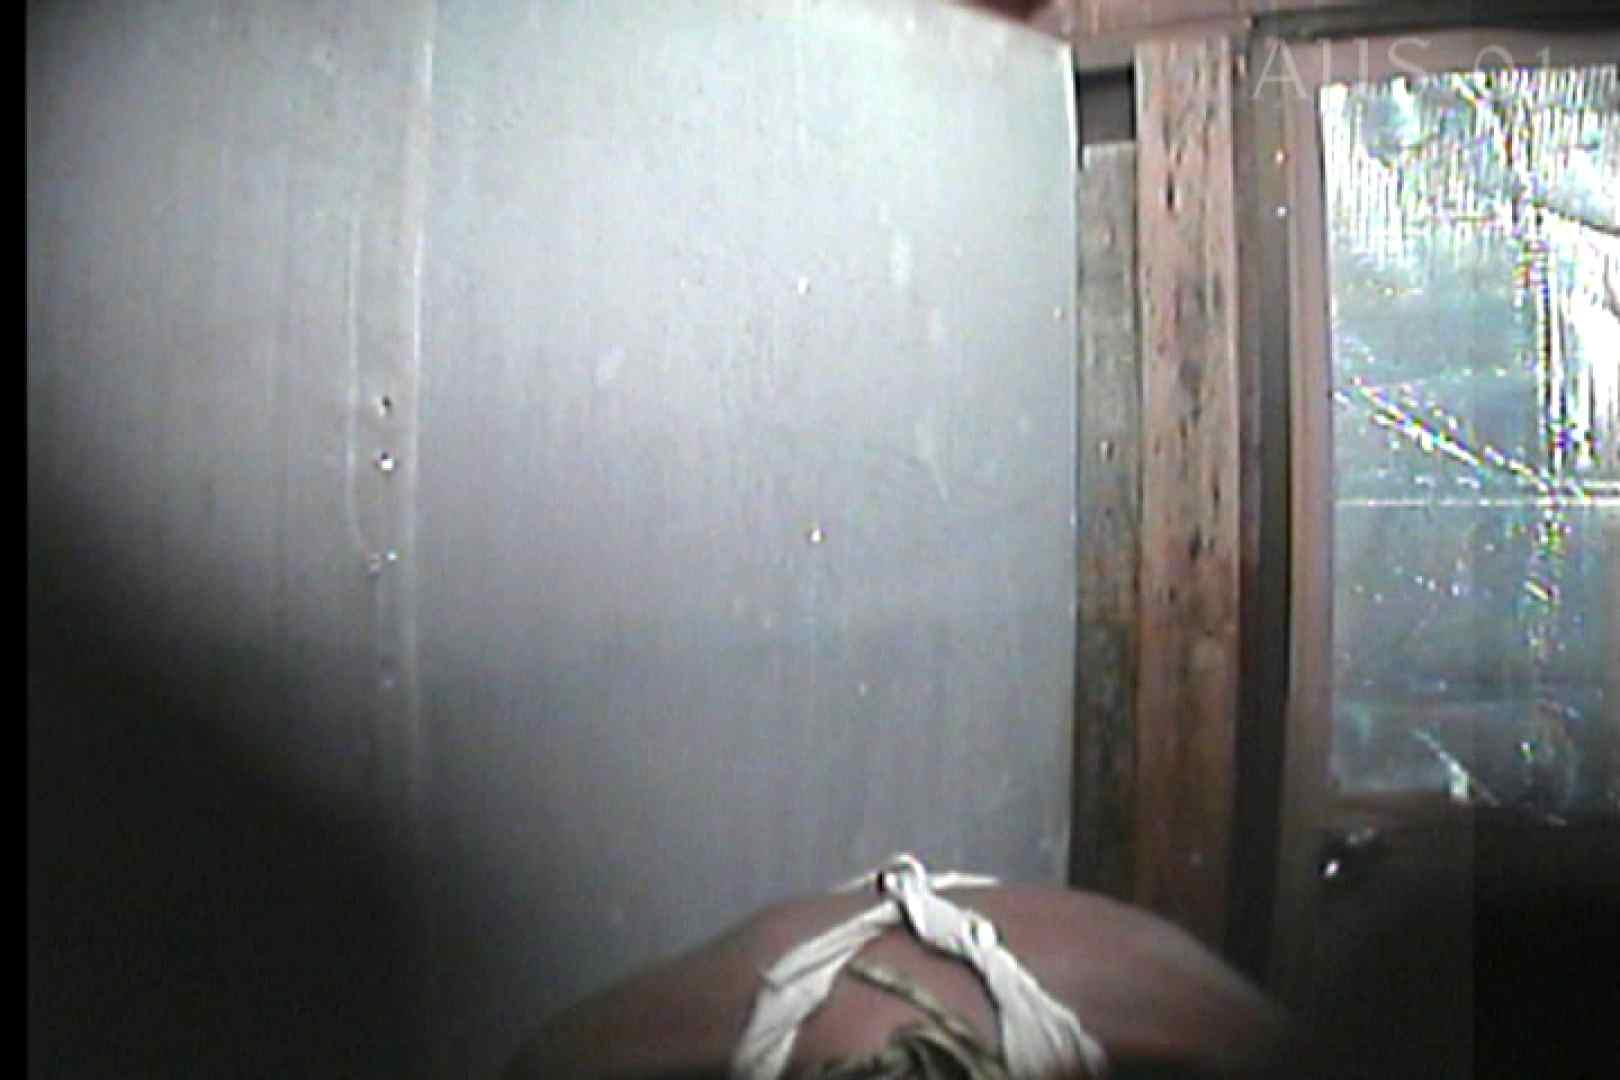 海の家の更衣室 Vol.05 シャワー 覗きおまんこ画像 84pic 11